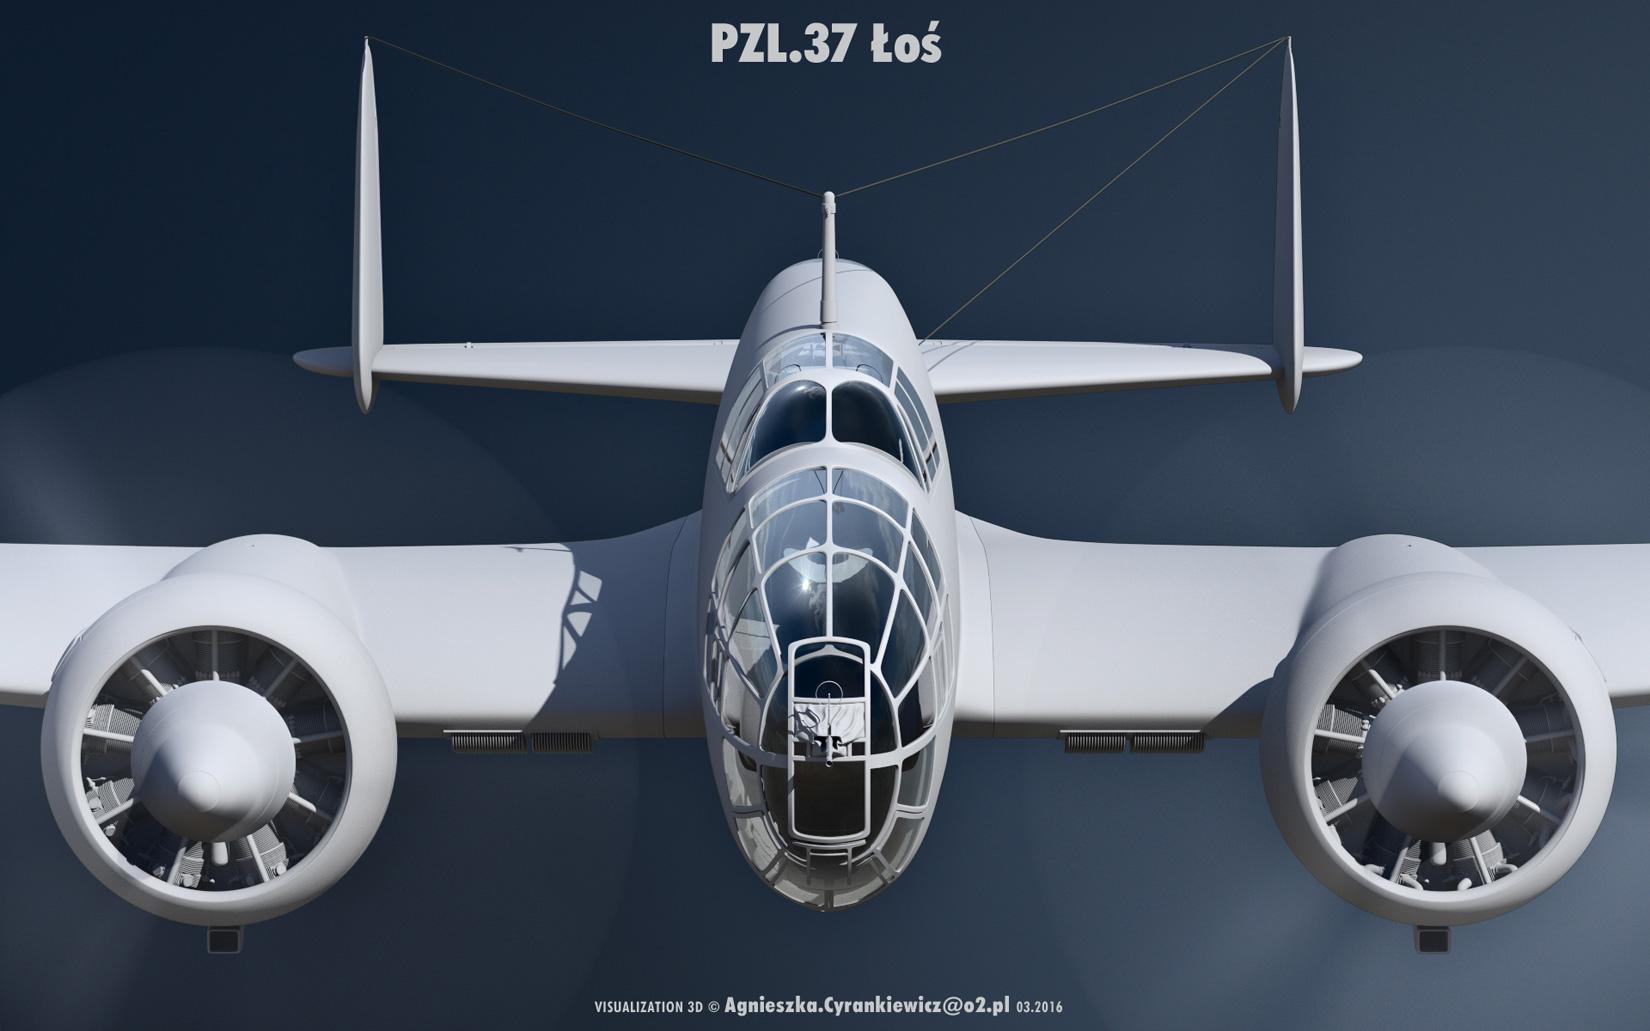 PZL 37B II, Łoś, Polskie Zakłady Lotnicze, PZL37BII, render, 3D, model